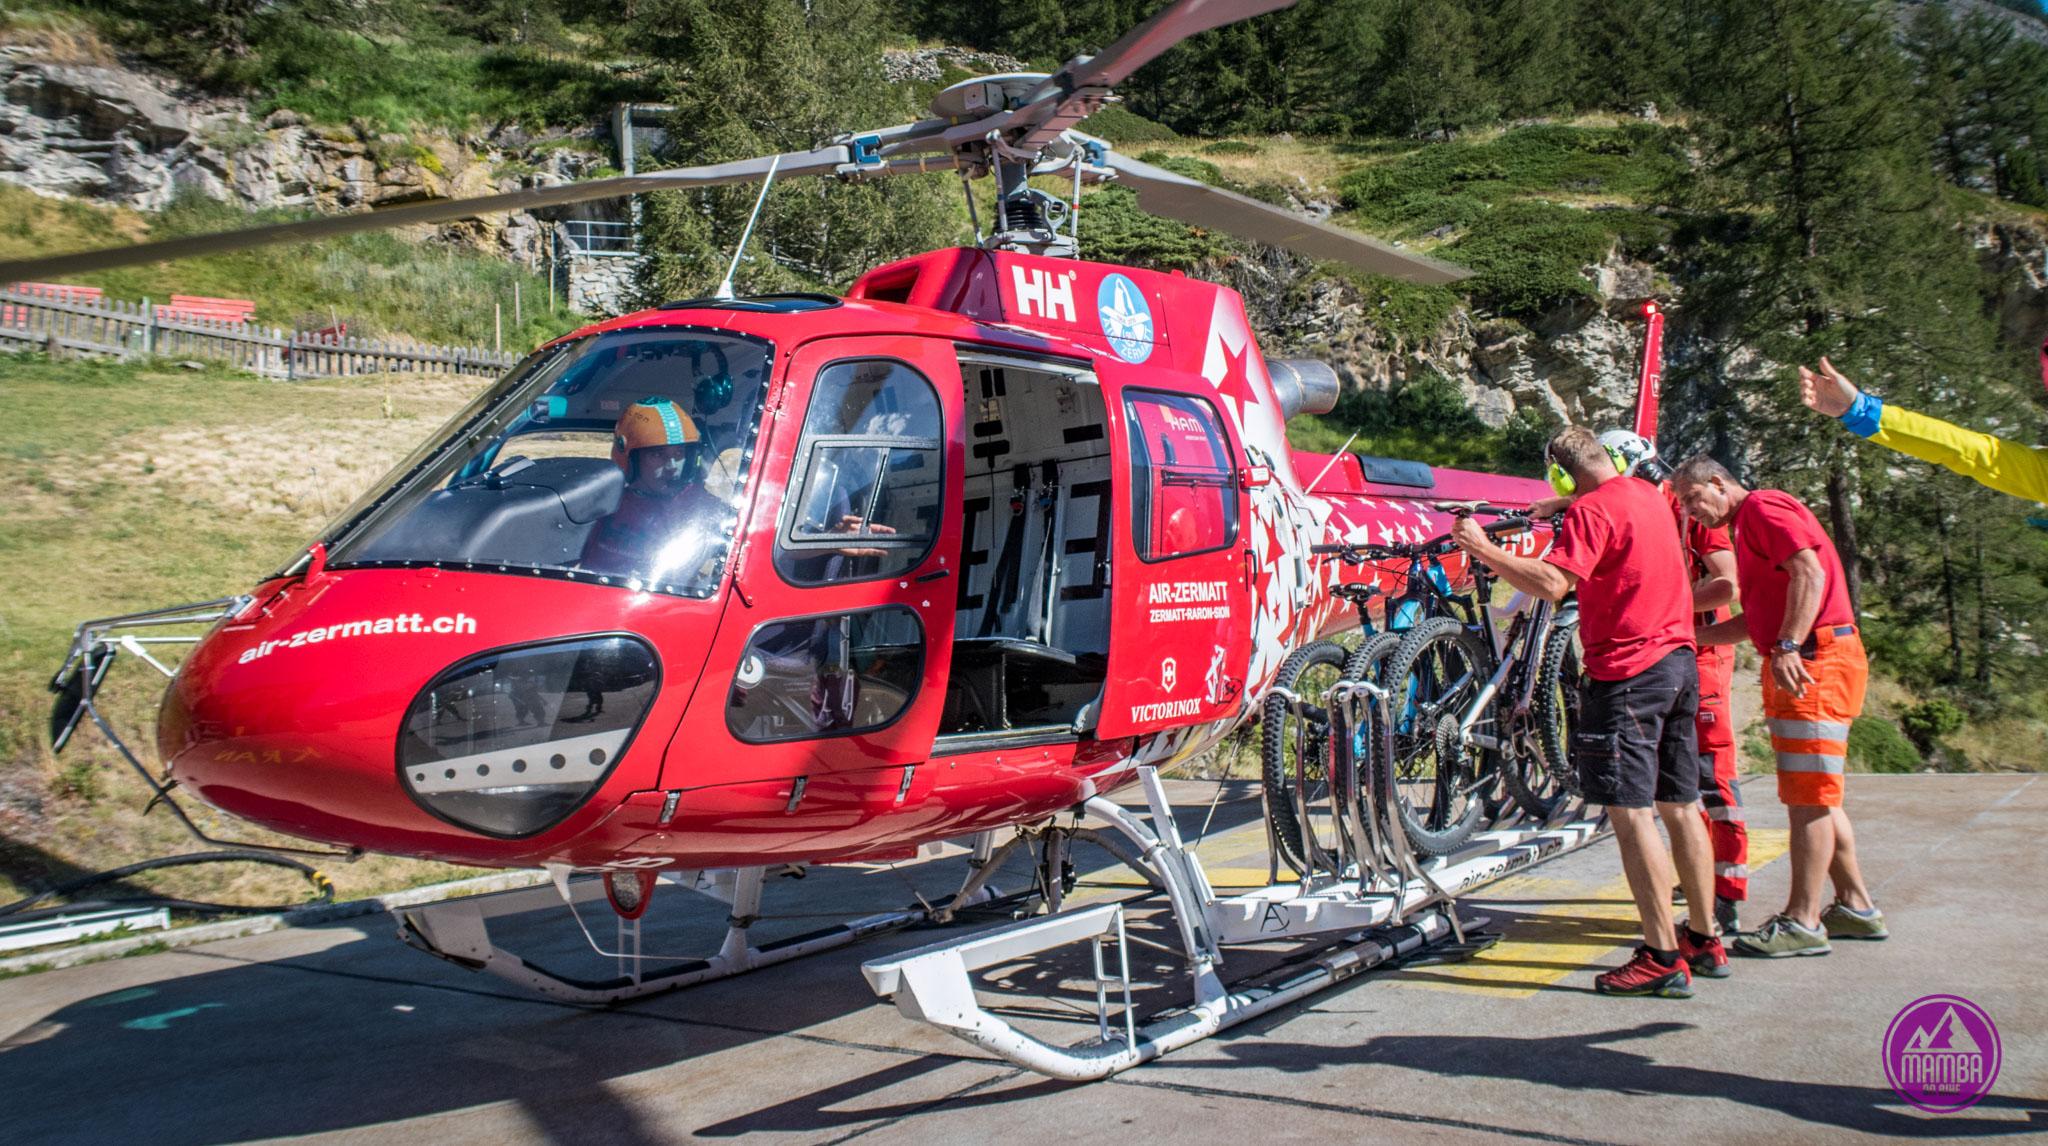 Heli biking - rowery zamontowane na helikopterze.